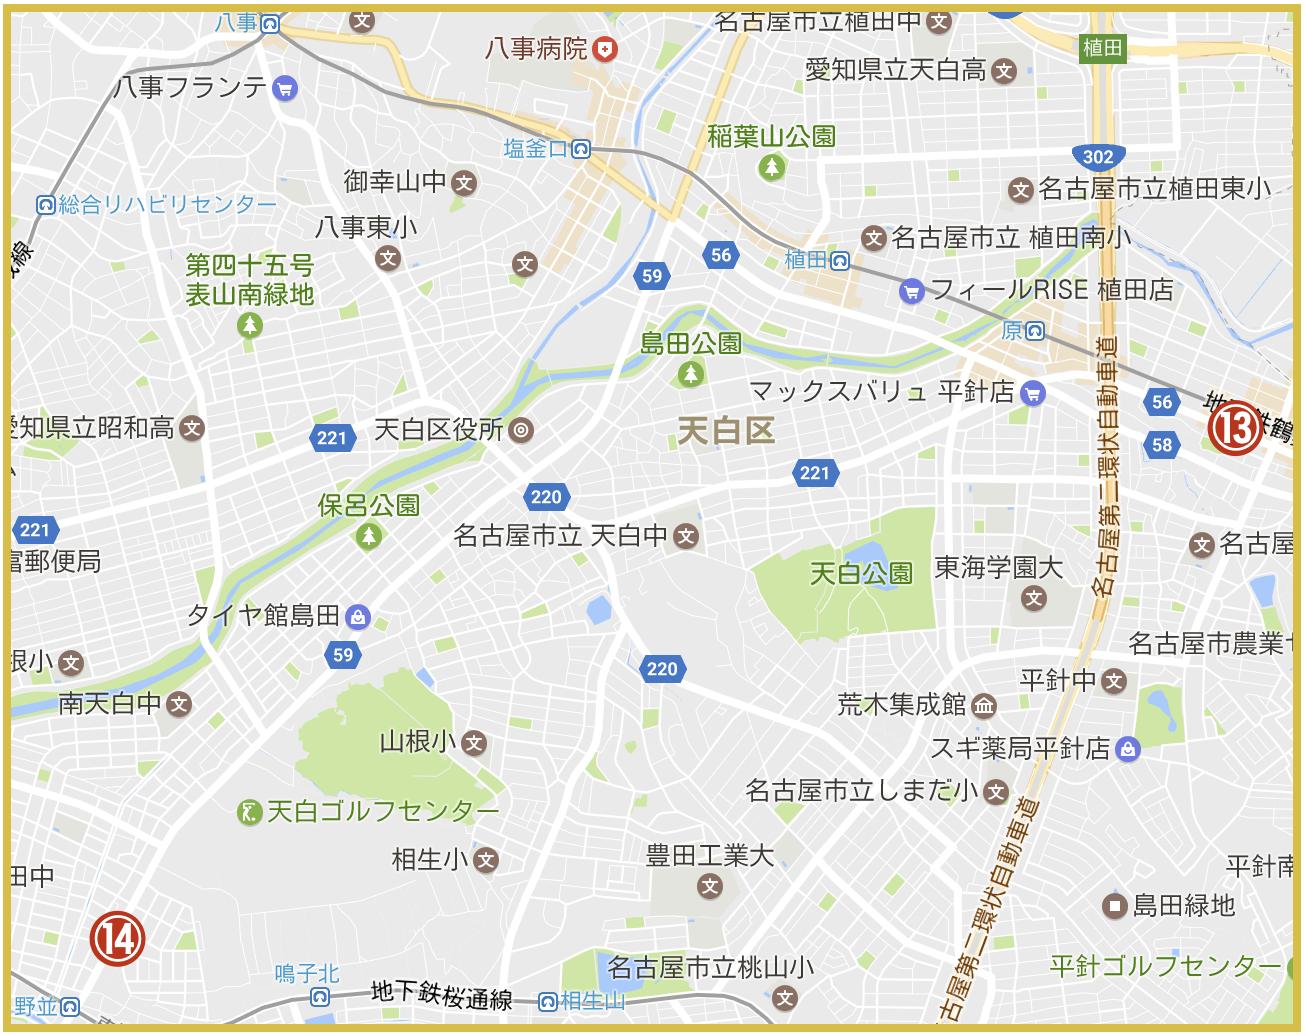 名古屋市天白区にあるアイフル店舗・ATMの位置(2020年版)